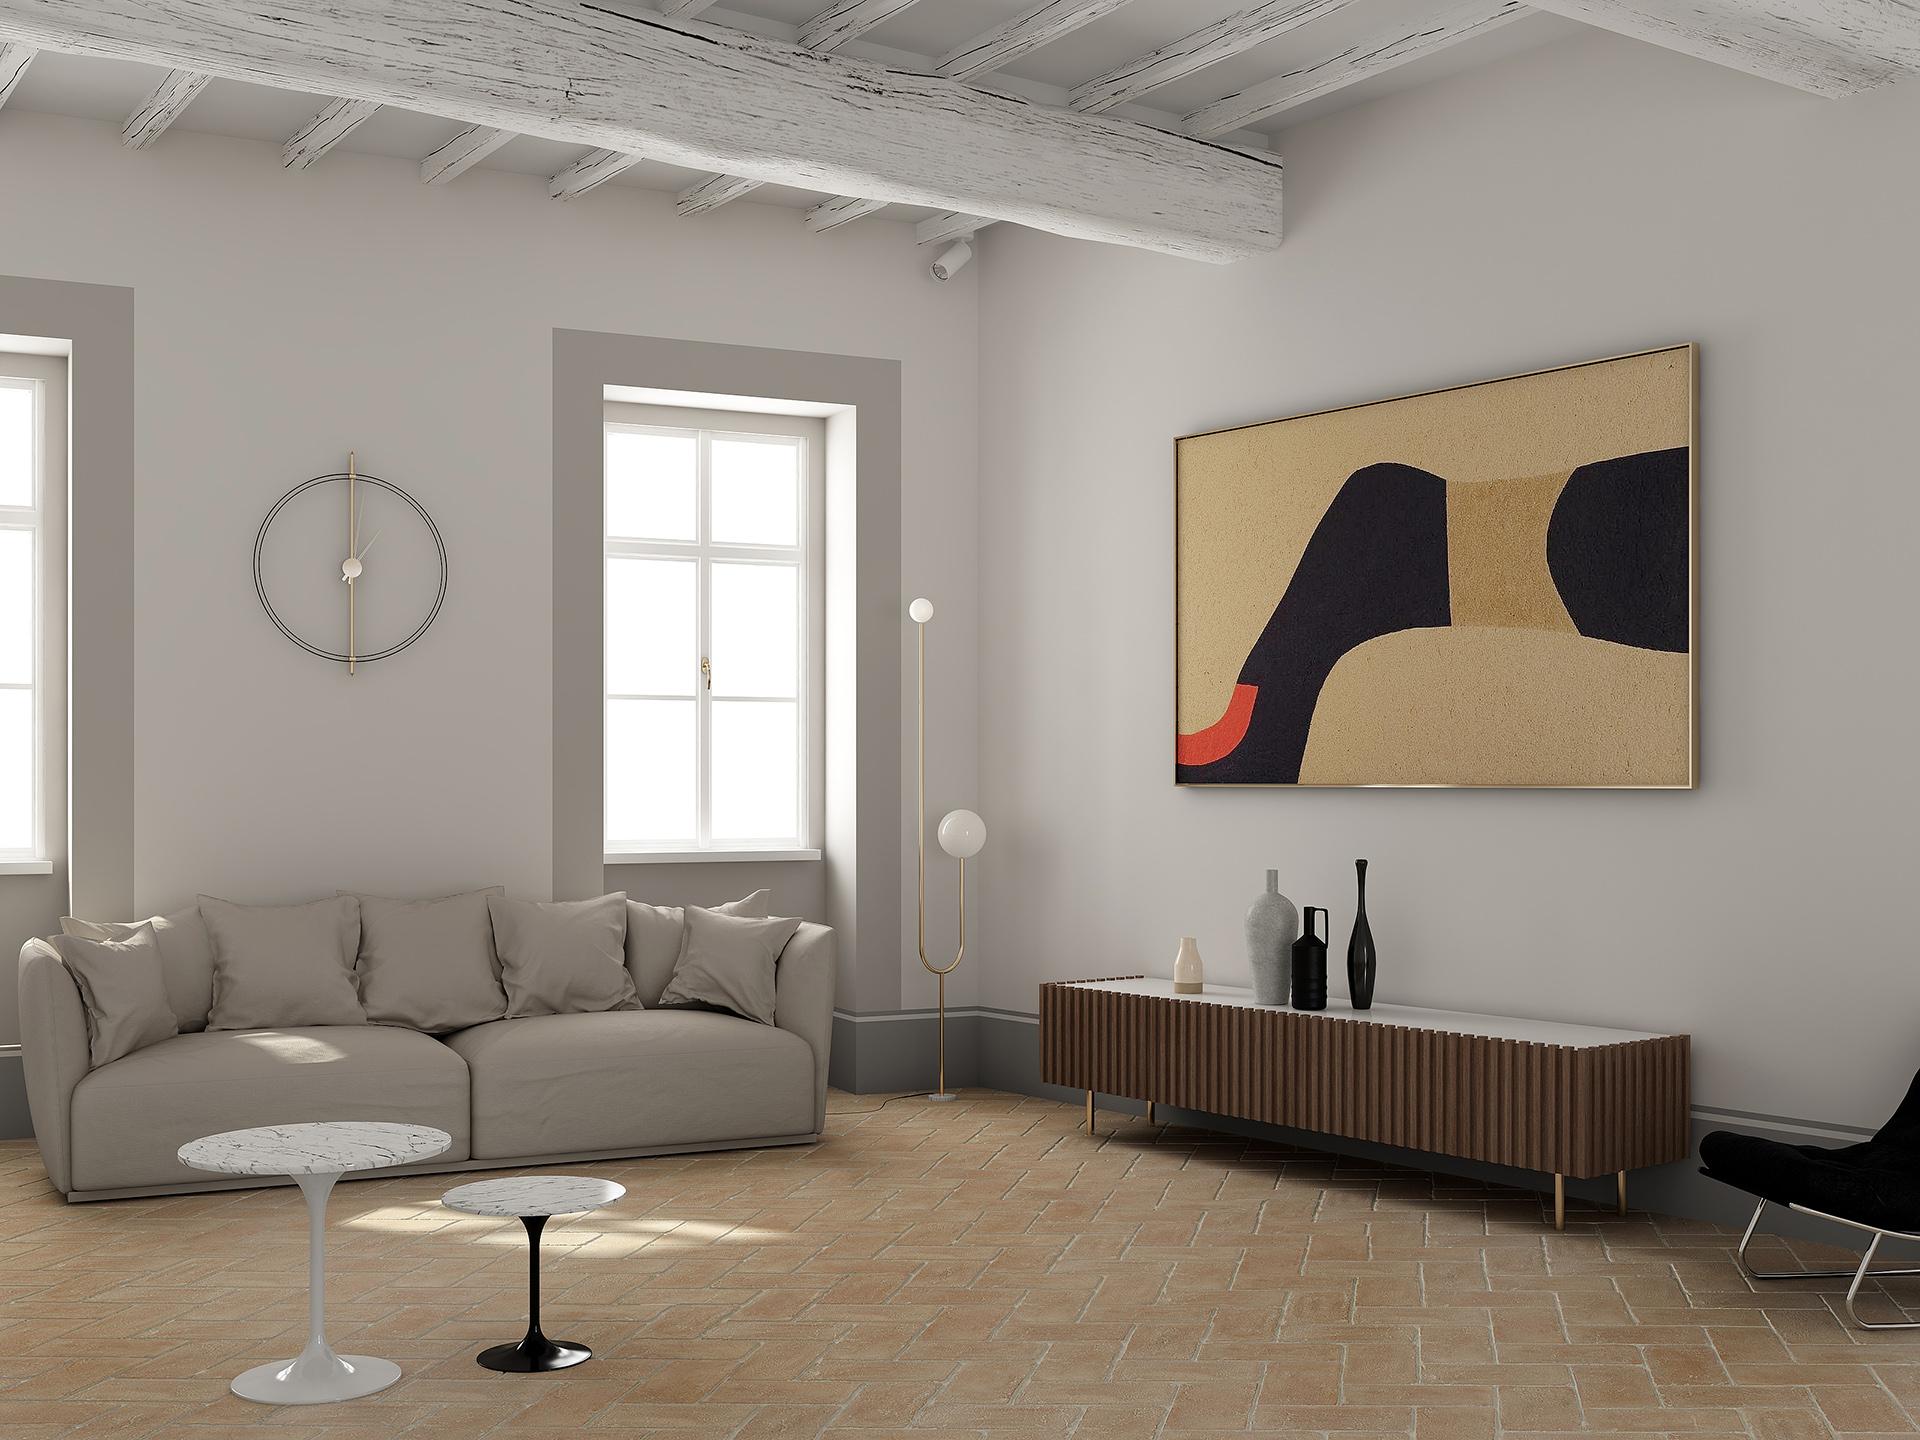 modellazione 3d e render del soggiorno di Palazzo San Michele, progettato da Francesco Aureli